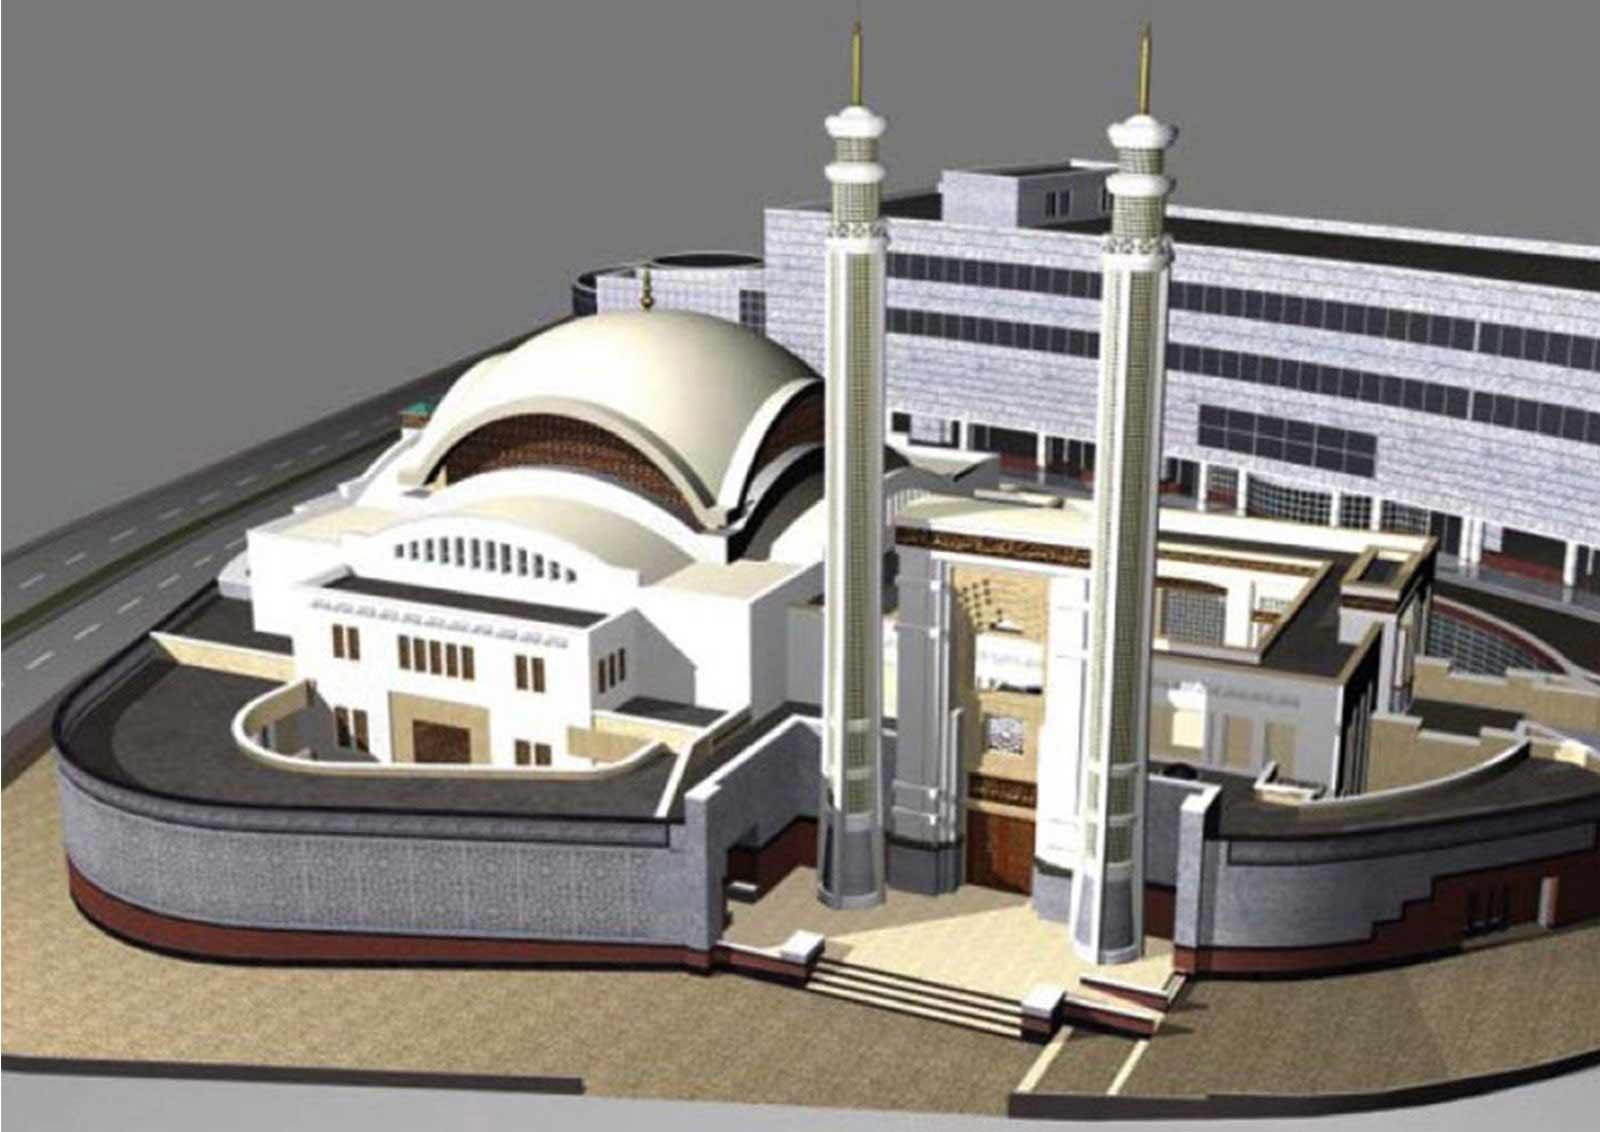 کانسپت پروژه طراحی مجتمع مذهبی فرهنگی شهرک قدس